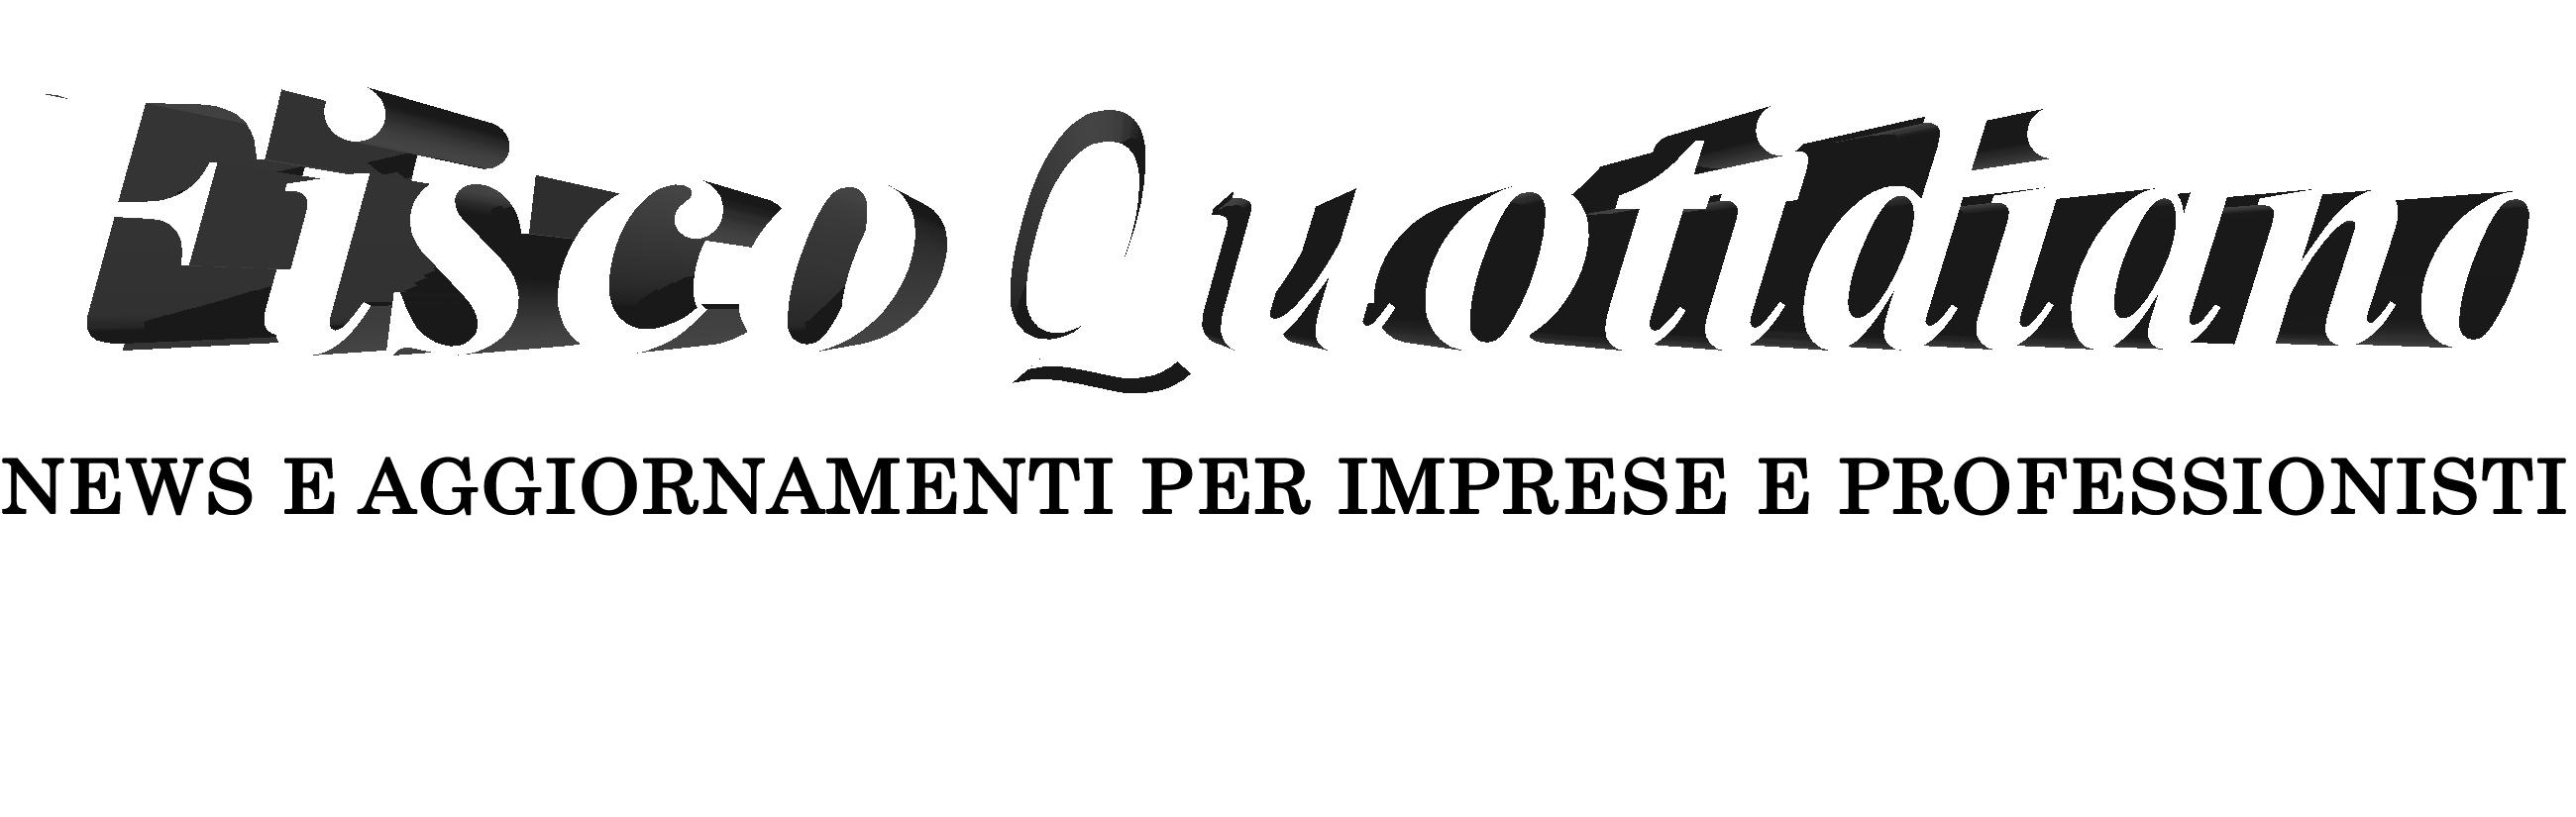 FISCOQUOTIDIANO Logo